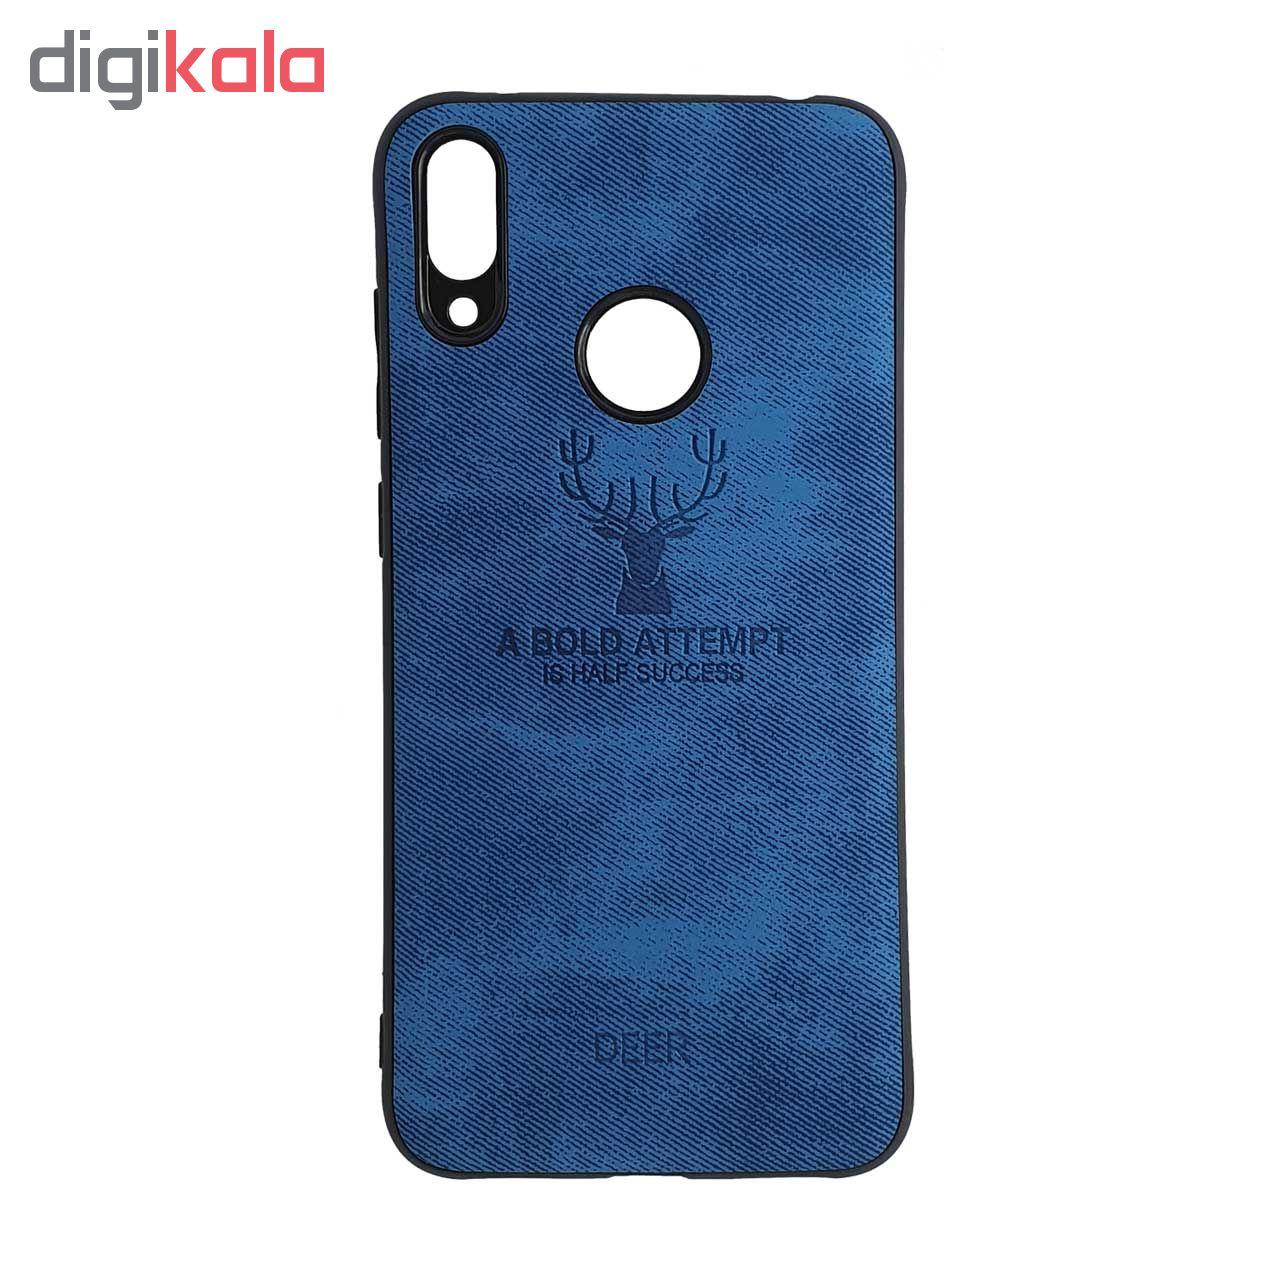 کاور ایبیزا مدل D-114 مناسب برای گوشی موبایل هوآوی Y7 2019 main 1 1